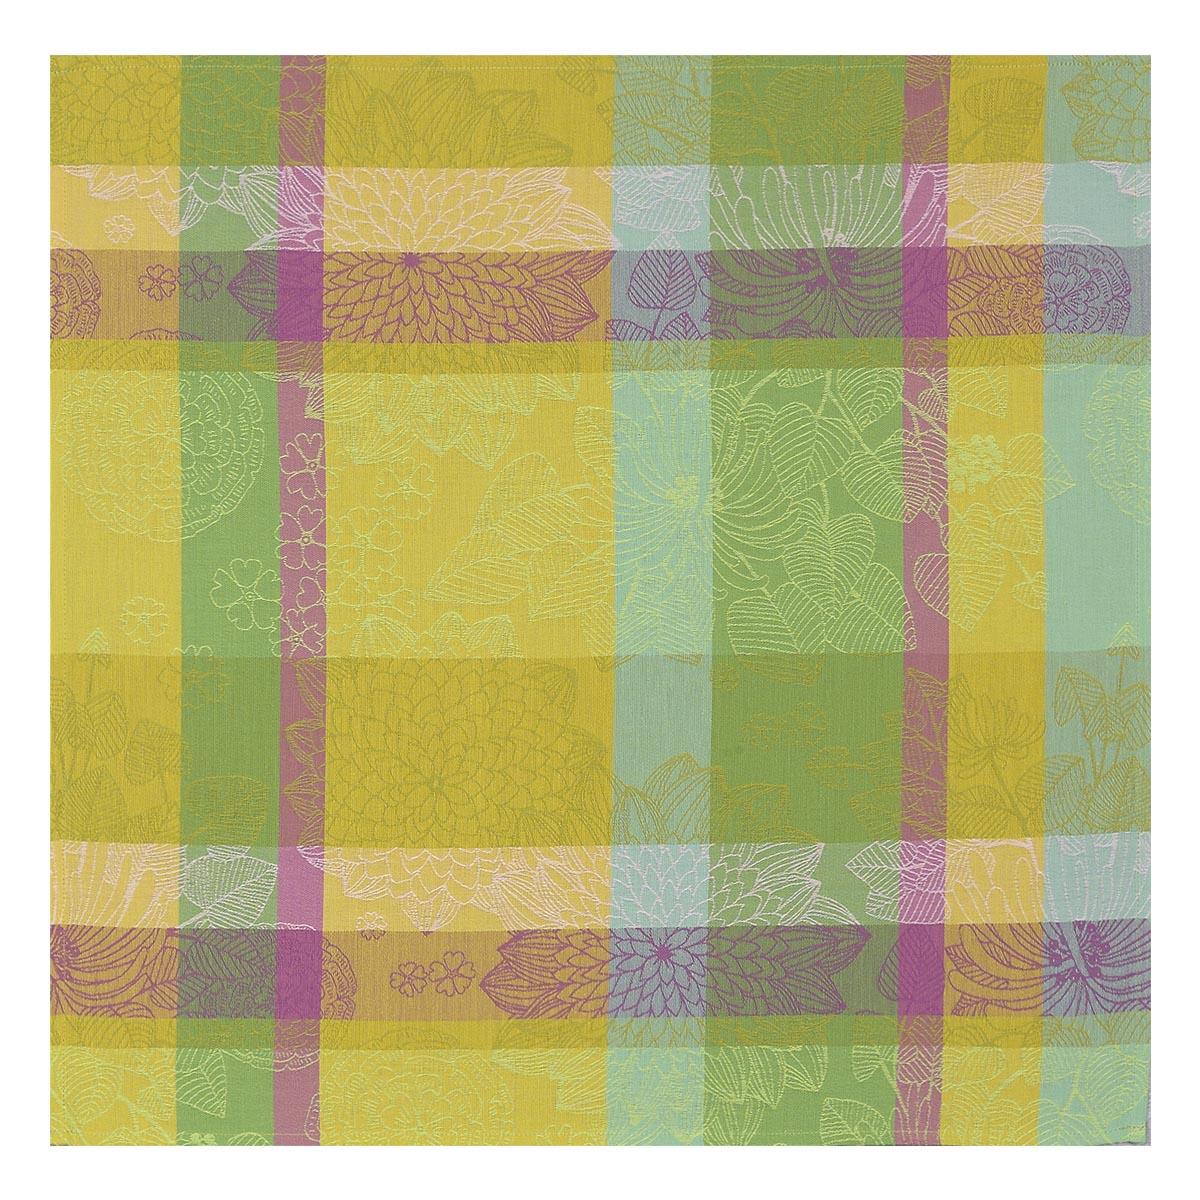 Serviette en coton citron 58 x 58